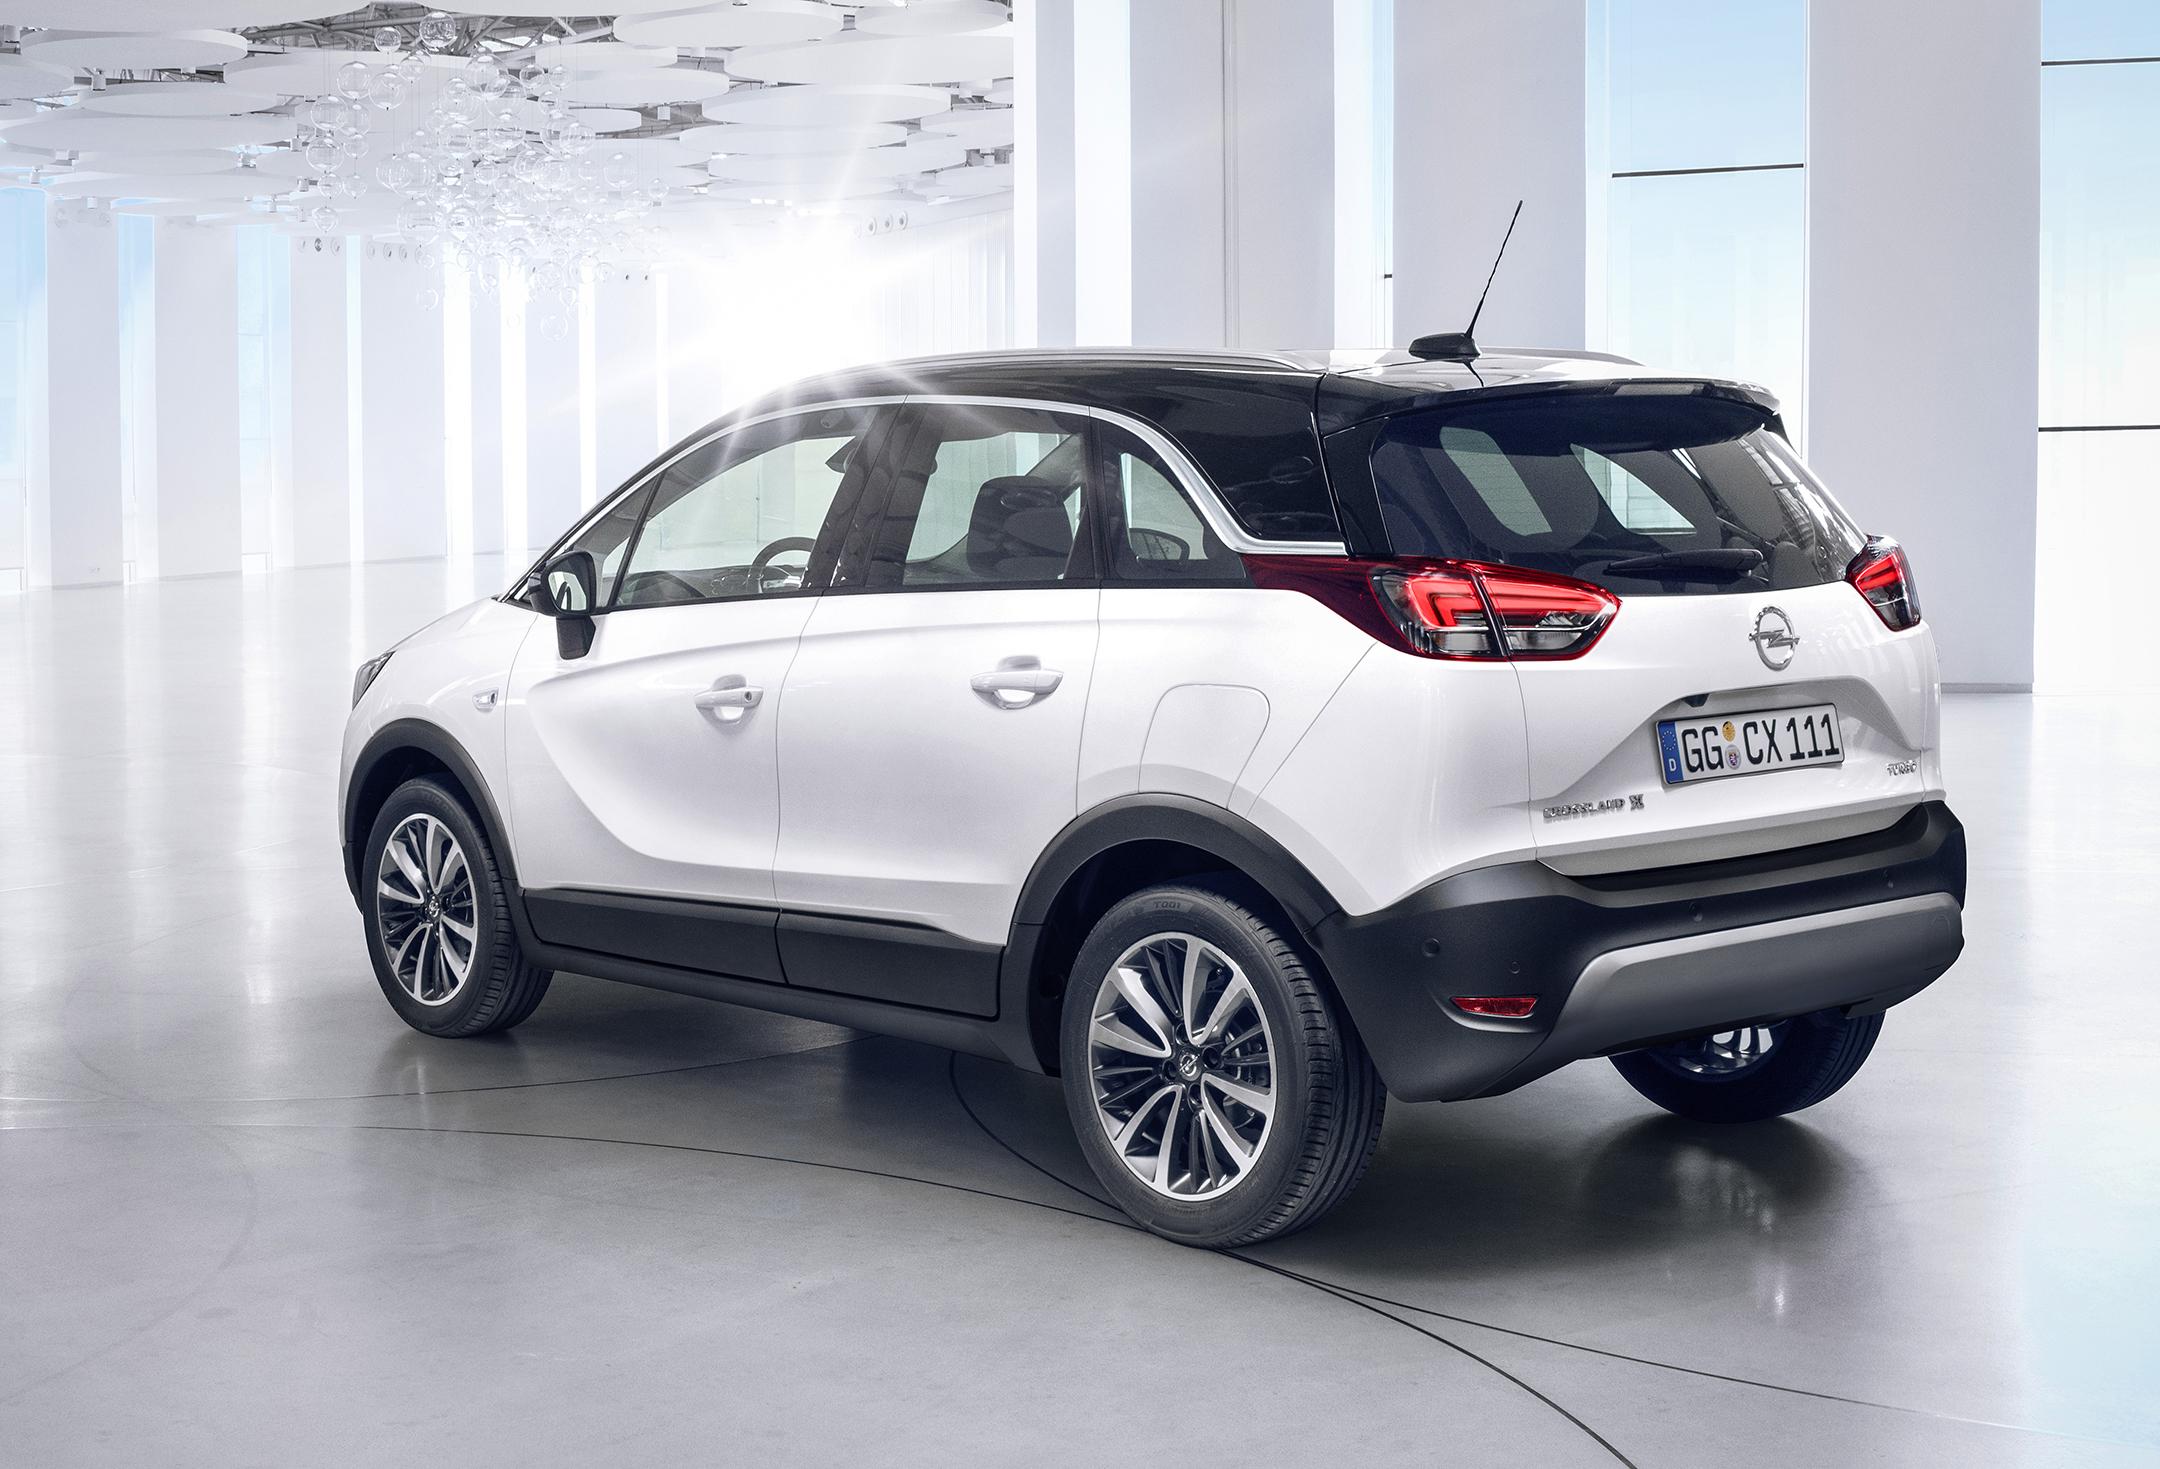 Opel Crossland X - 2017 - arrière / rear